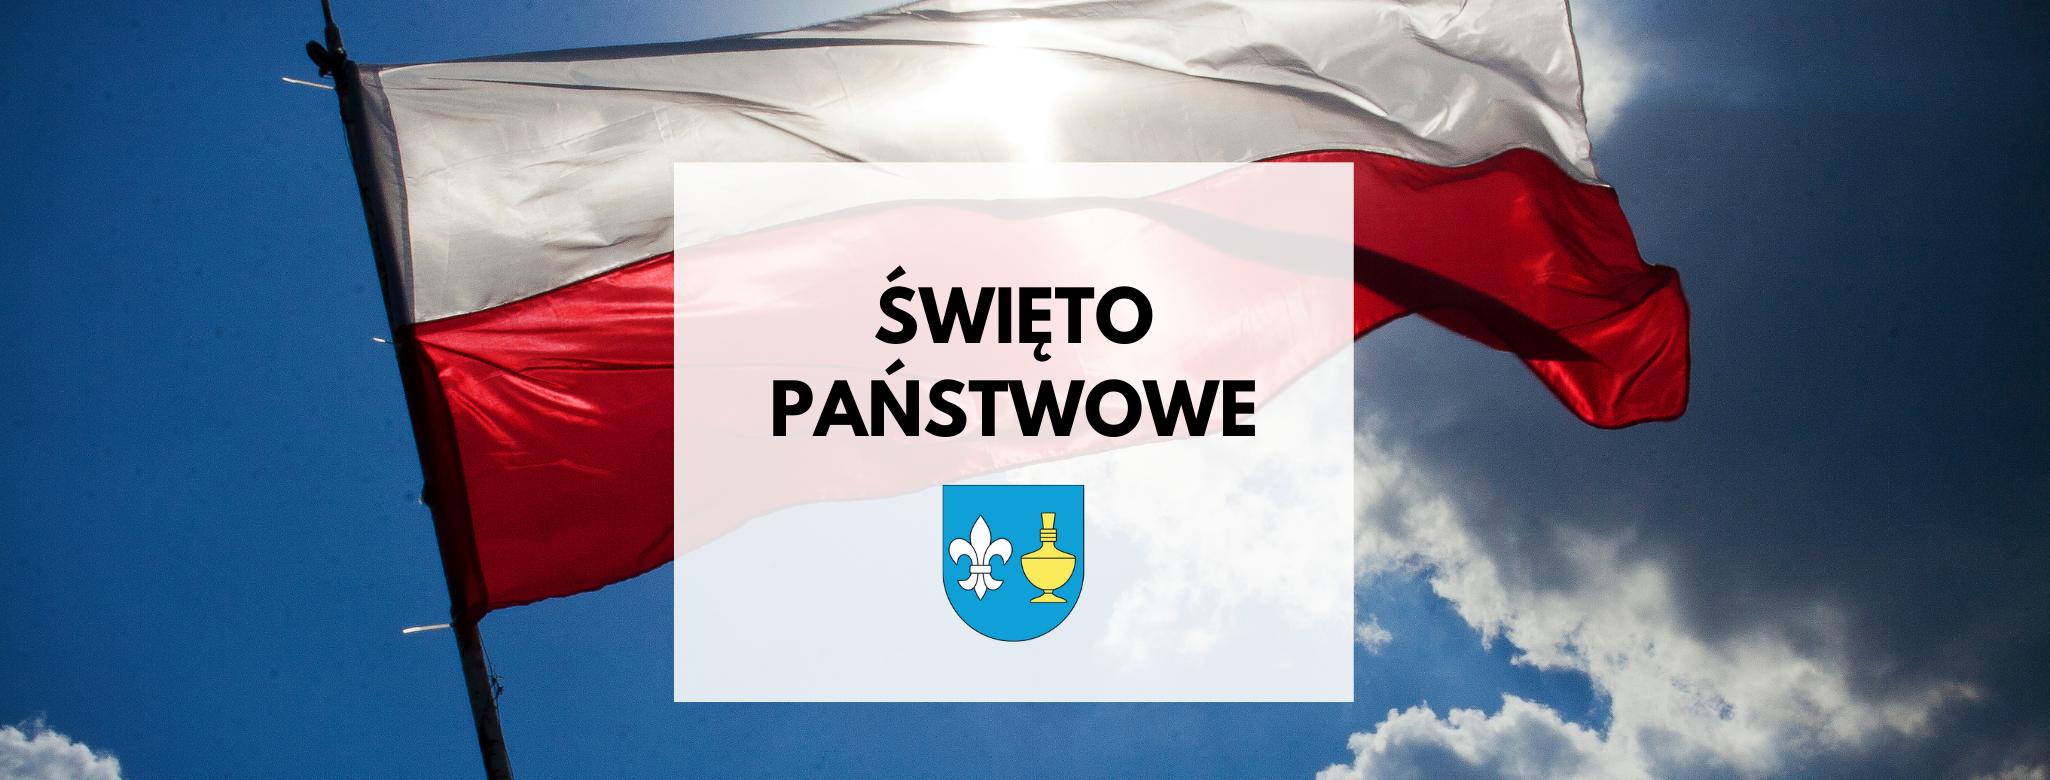 Nagłówek graficzny o treści: święto państwowe. W tle flaga Polski, słoneczne niebo, herb Gminy Koczała